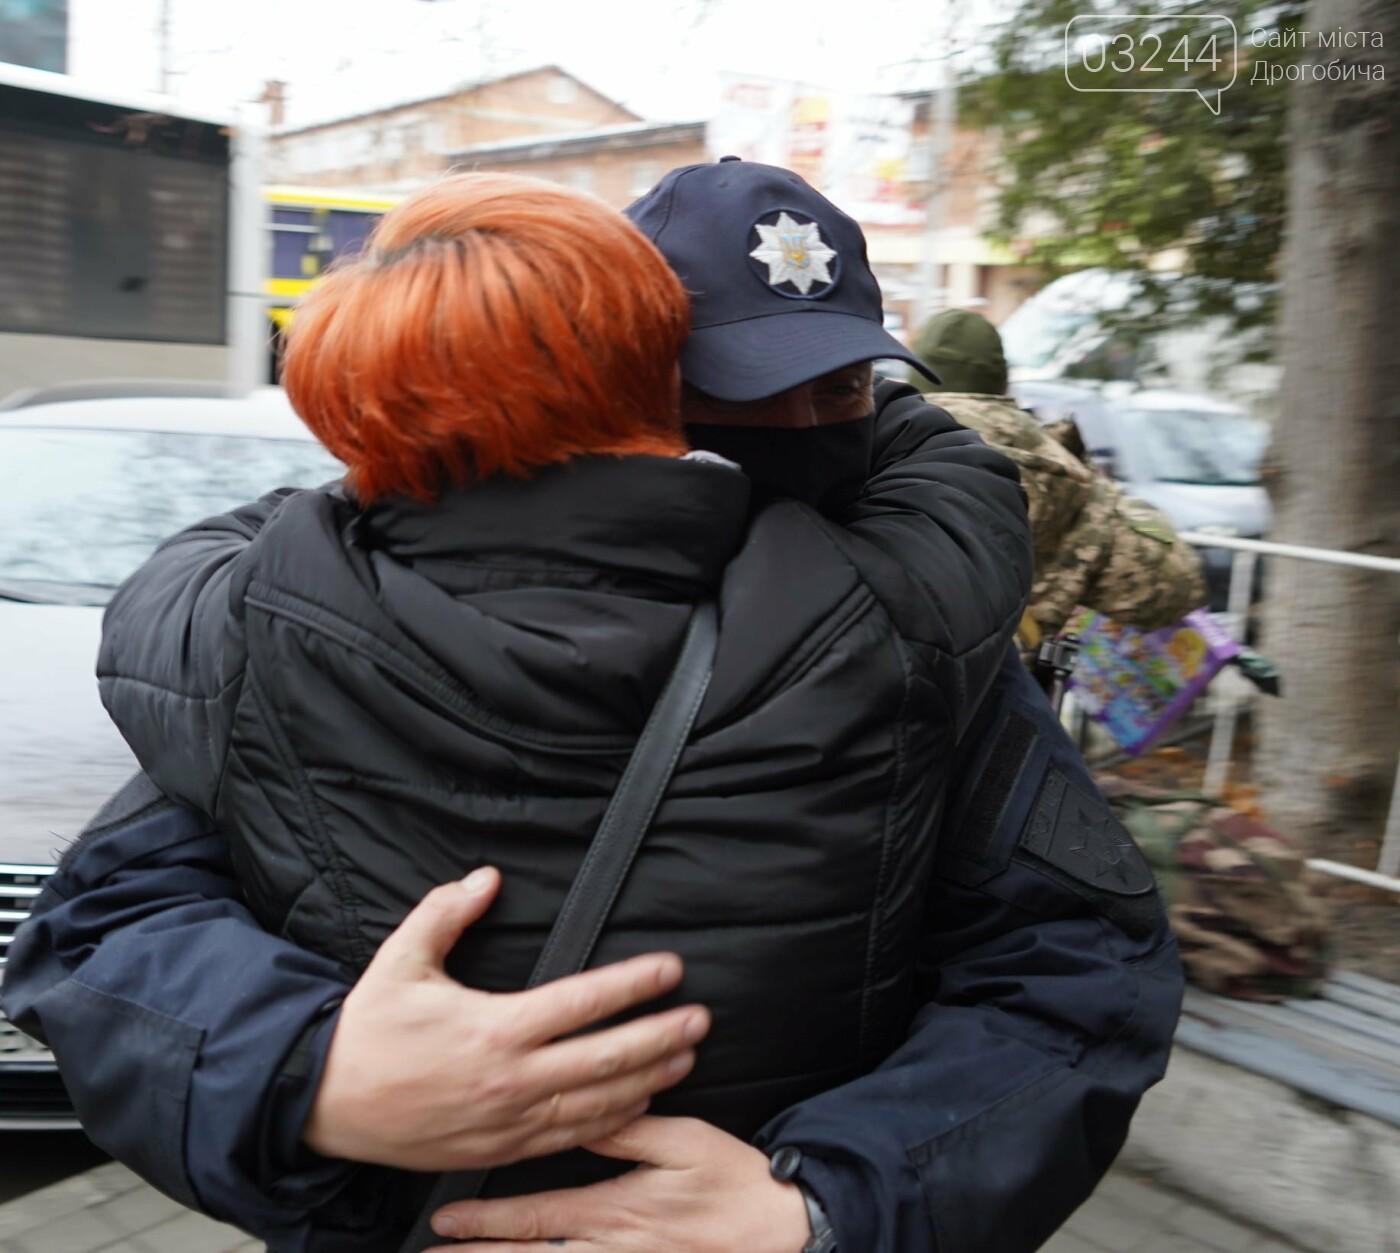 Стежитимуть за порядком - загін правоохоронців Львівщини в порядку ротації вирушив  на схід України, фото-7